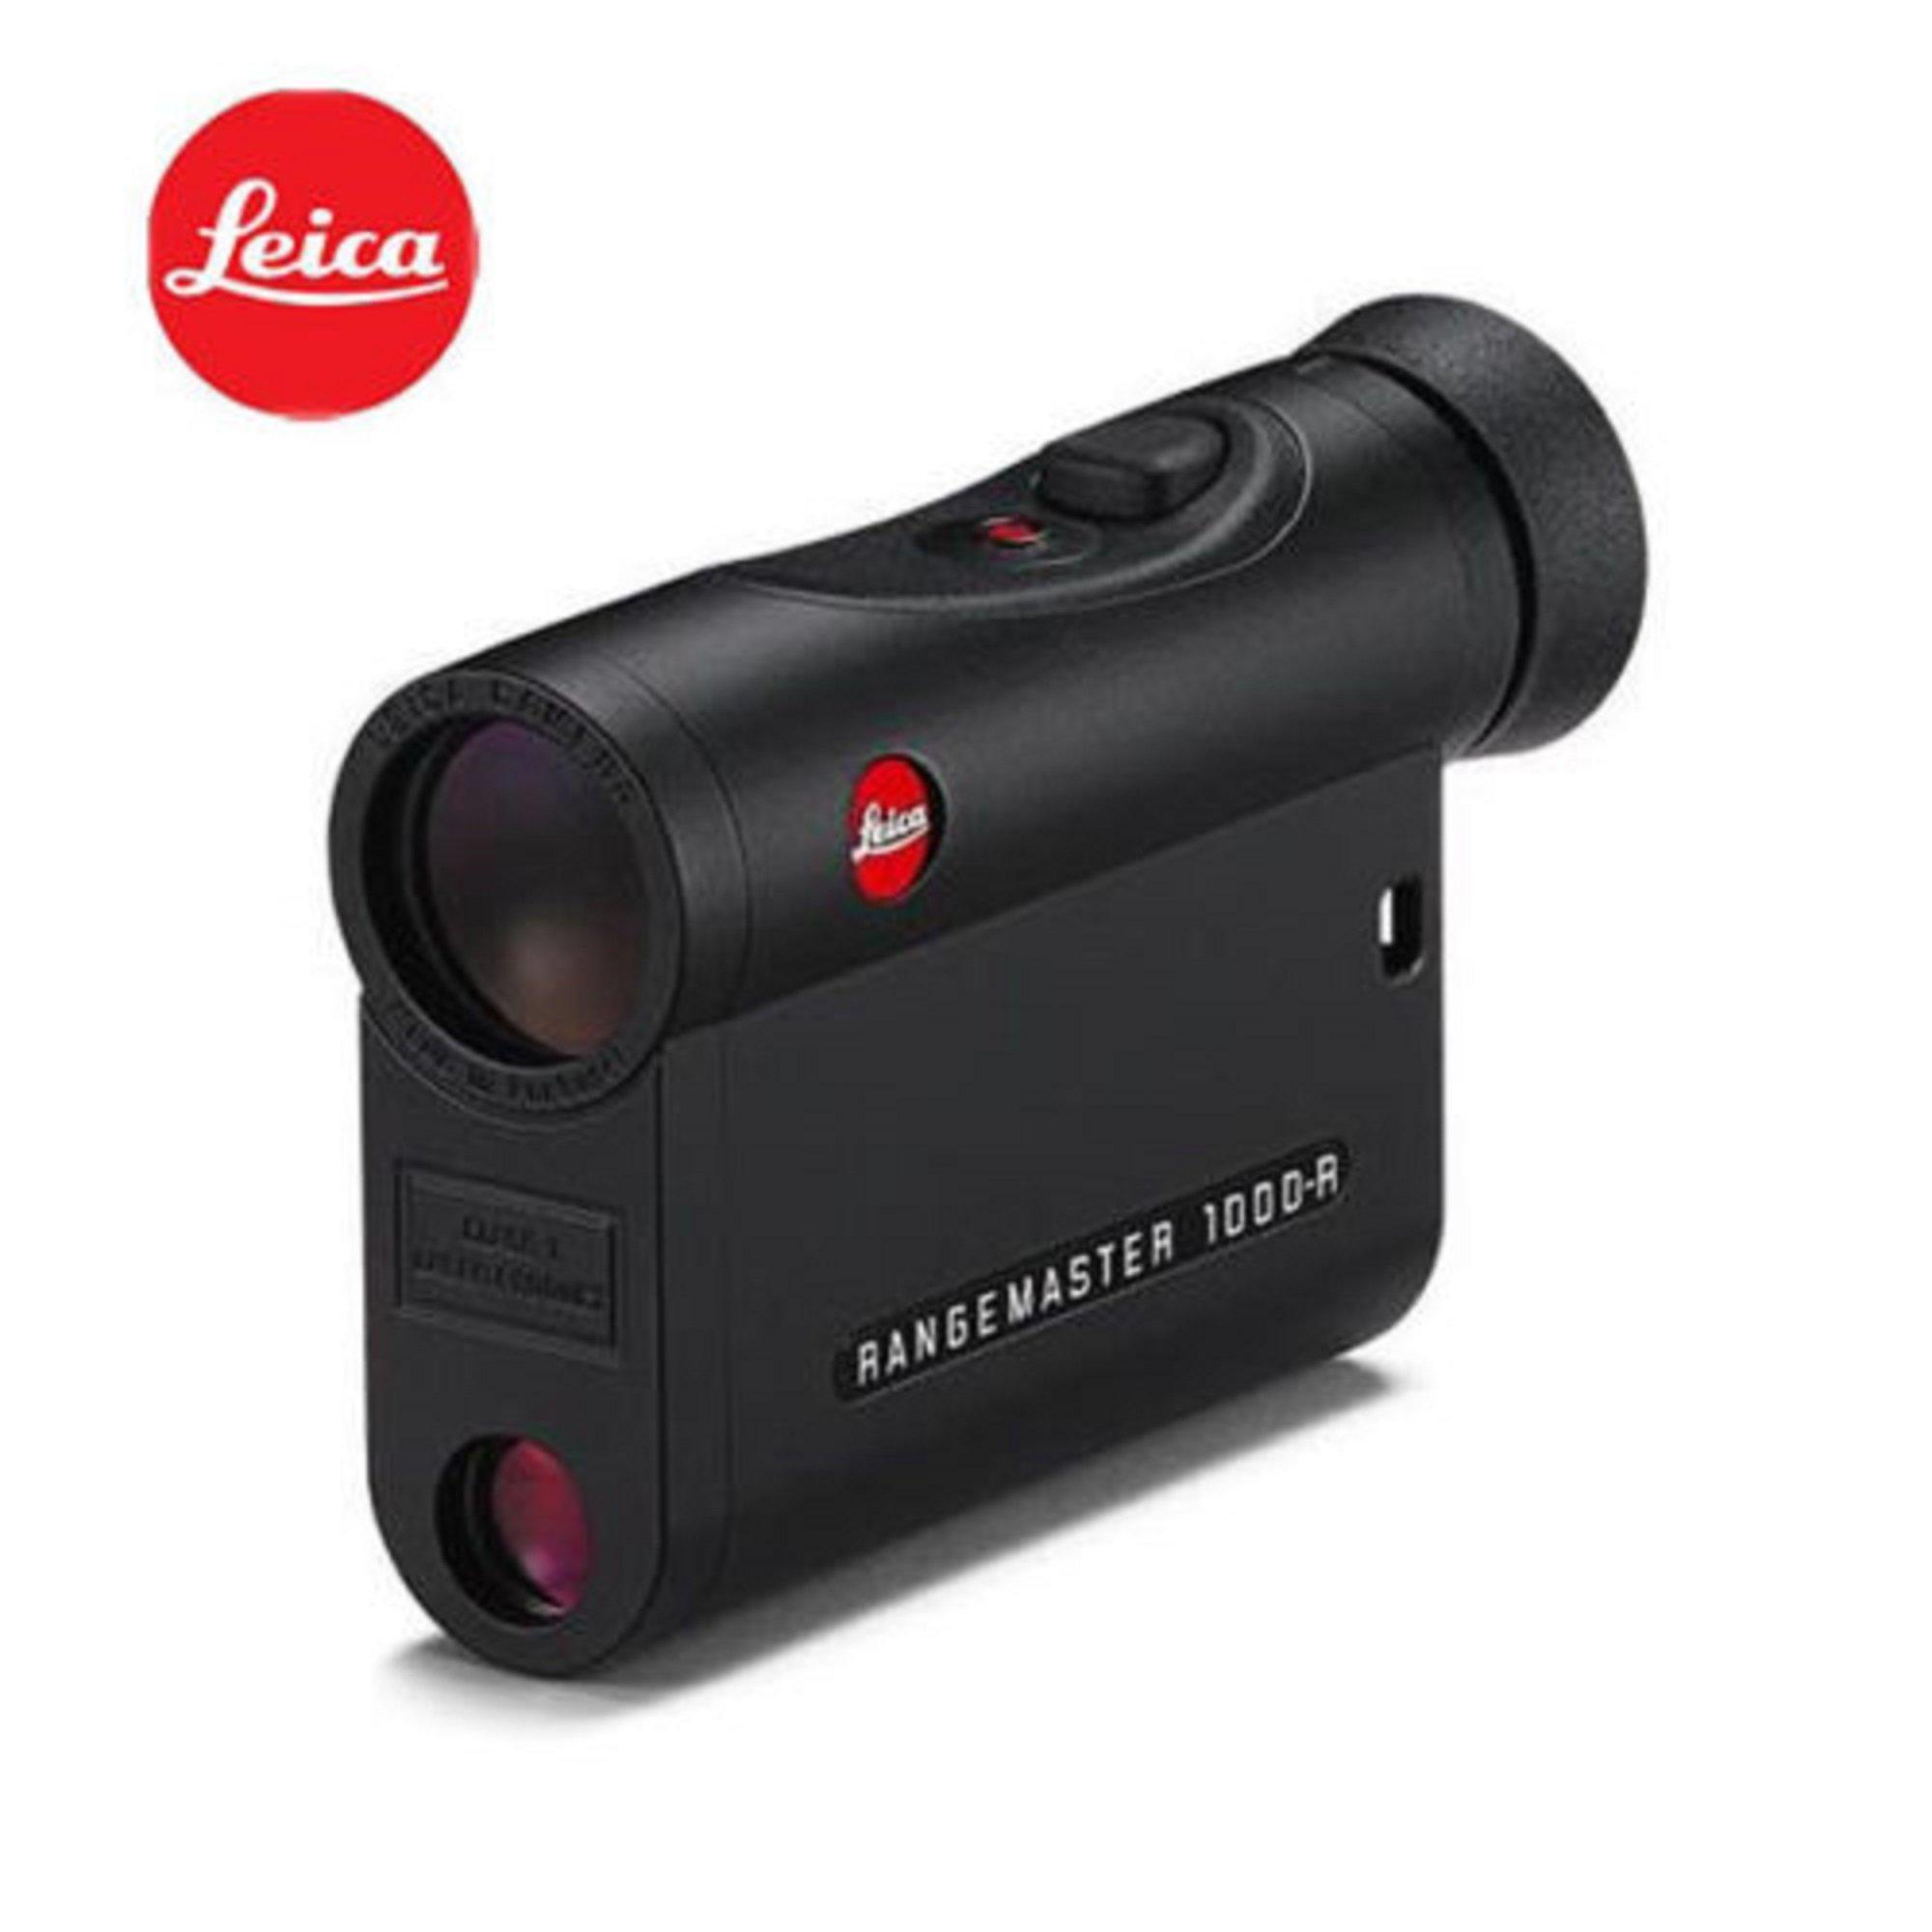 Leica Rangemaster CRF 1000-R Laser Rangefinder w/ Horizontal Range - 40535 by Leica (Image #1)